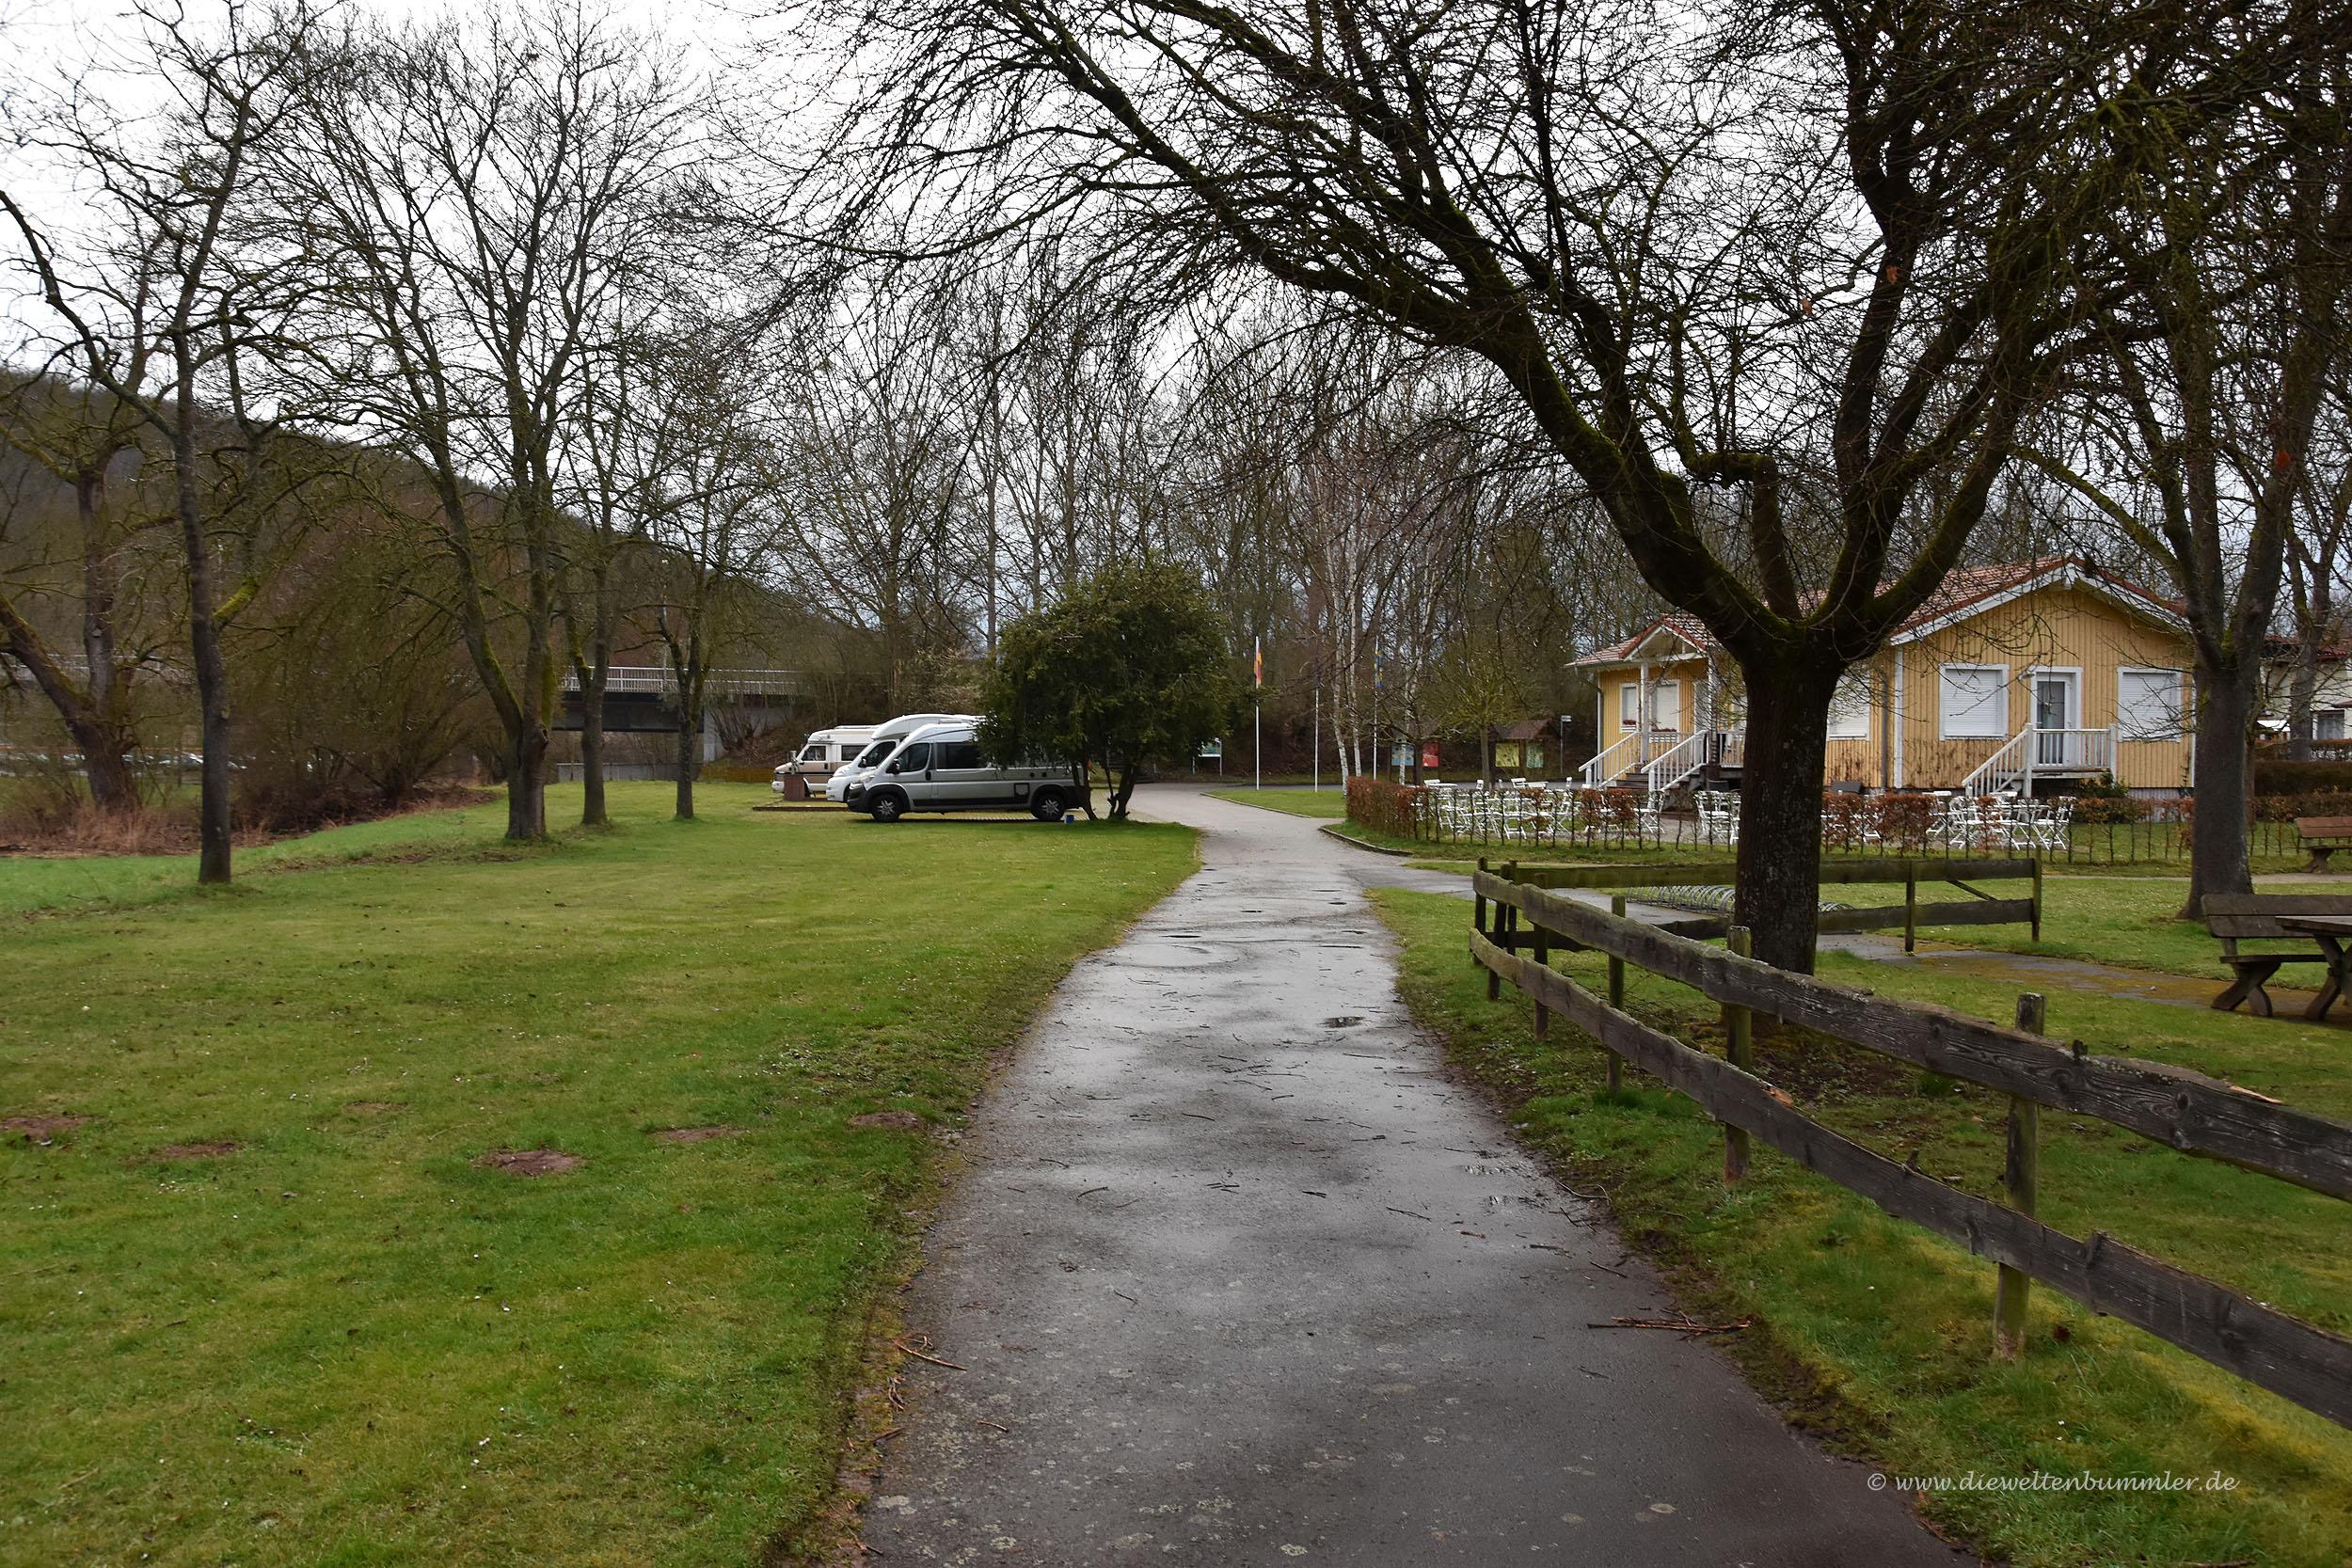 Wohnmobilstellplatz Bad Sobernheim